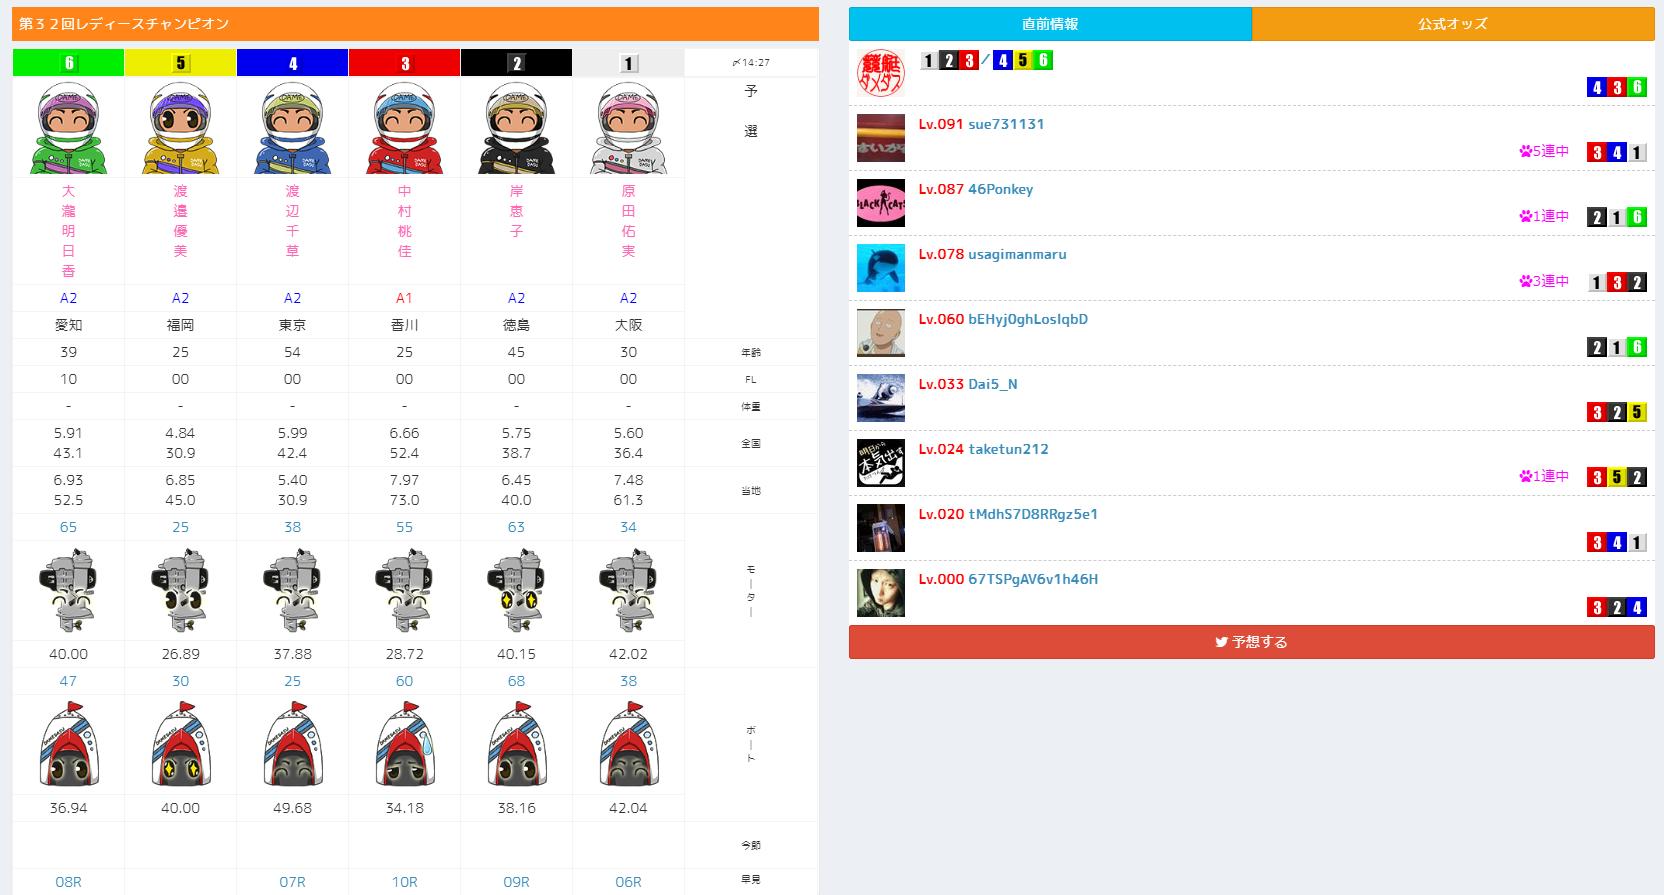 競艇予想サイトの競艇ダメダス予想画面